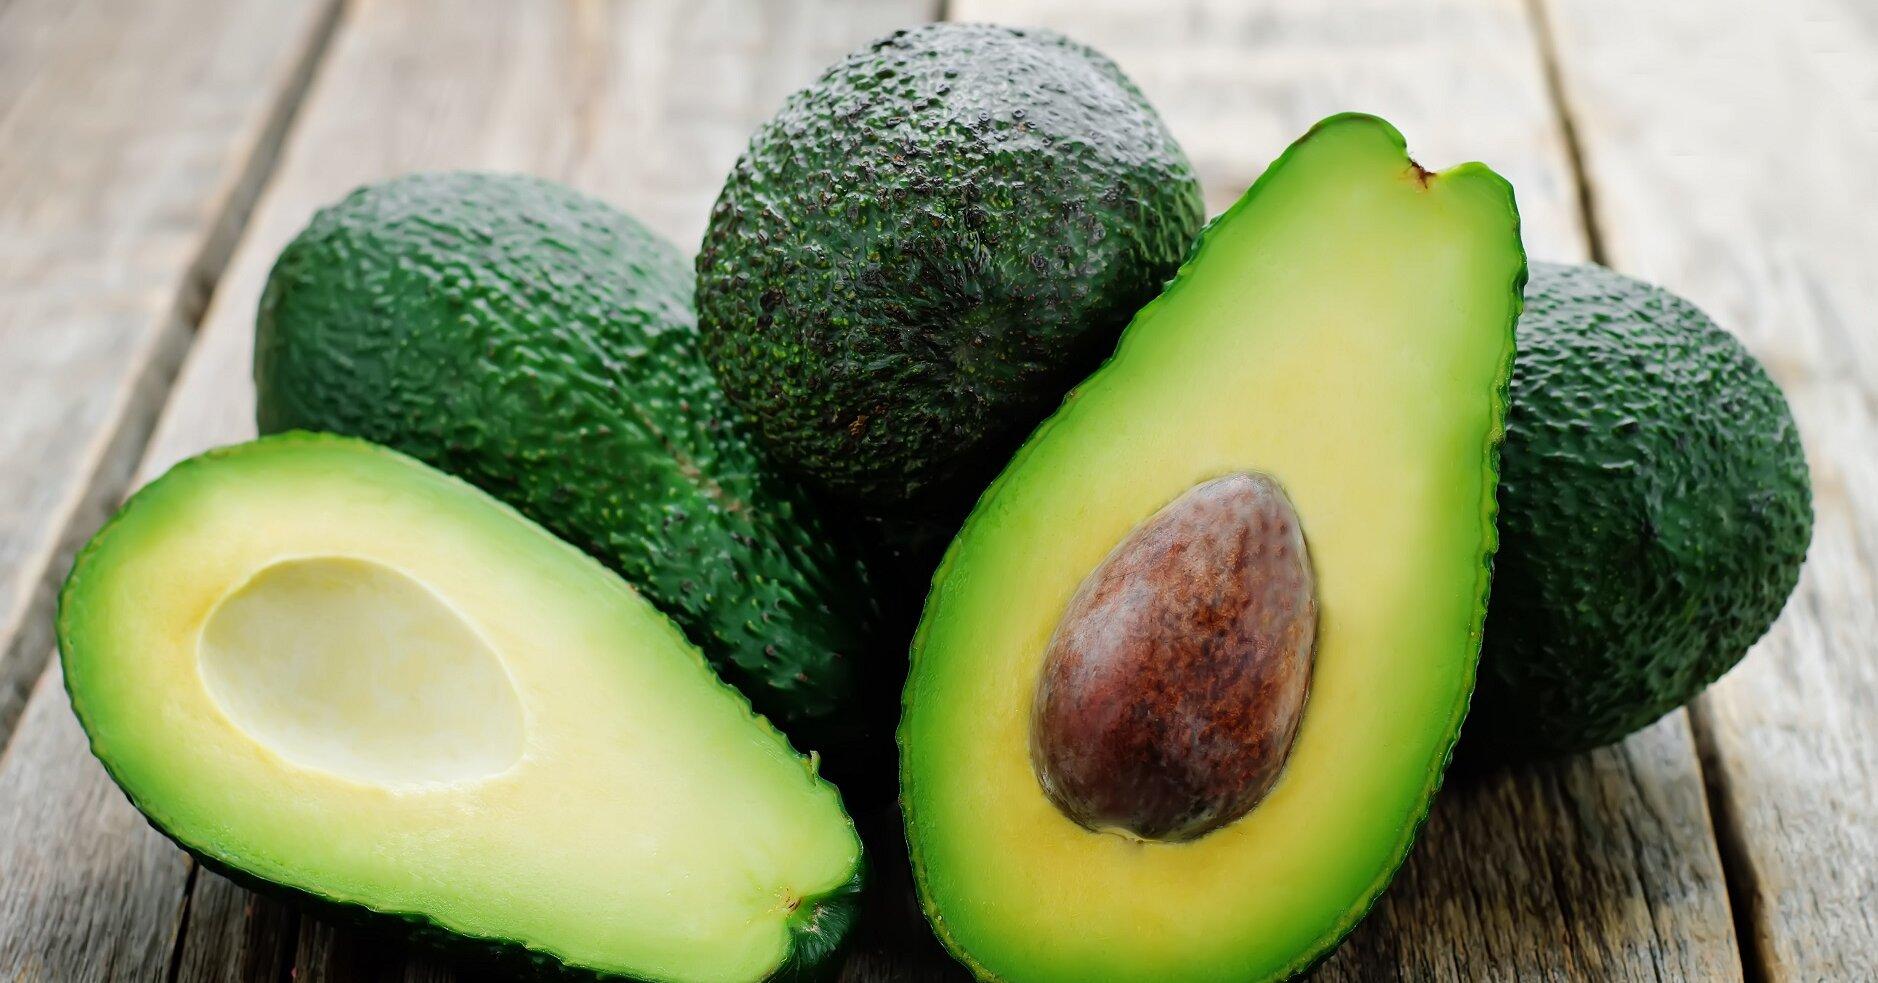 Авокадо при беременности: важные аспекты правильного питания. авокадо при беременности: польза и вред, особенности употребления